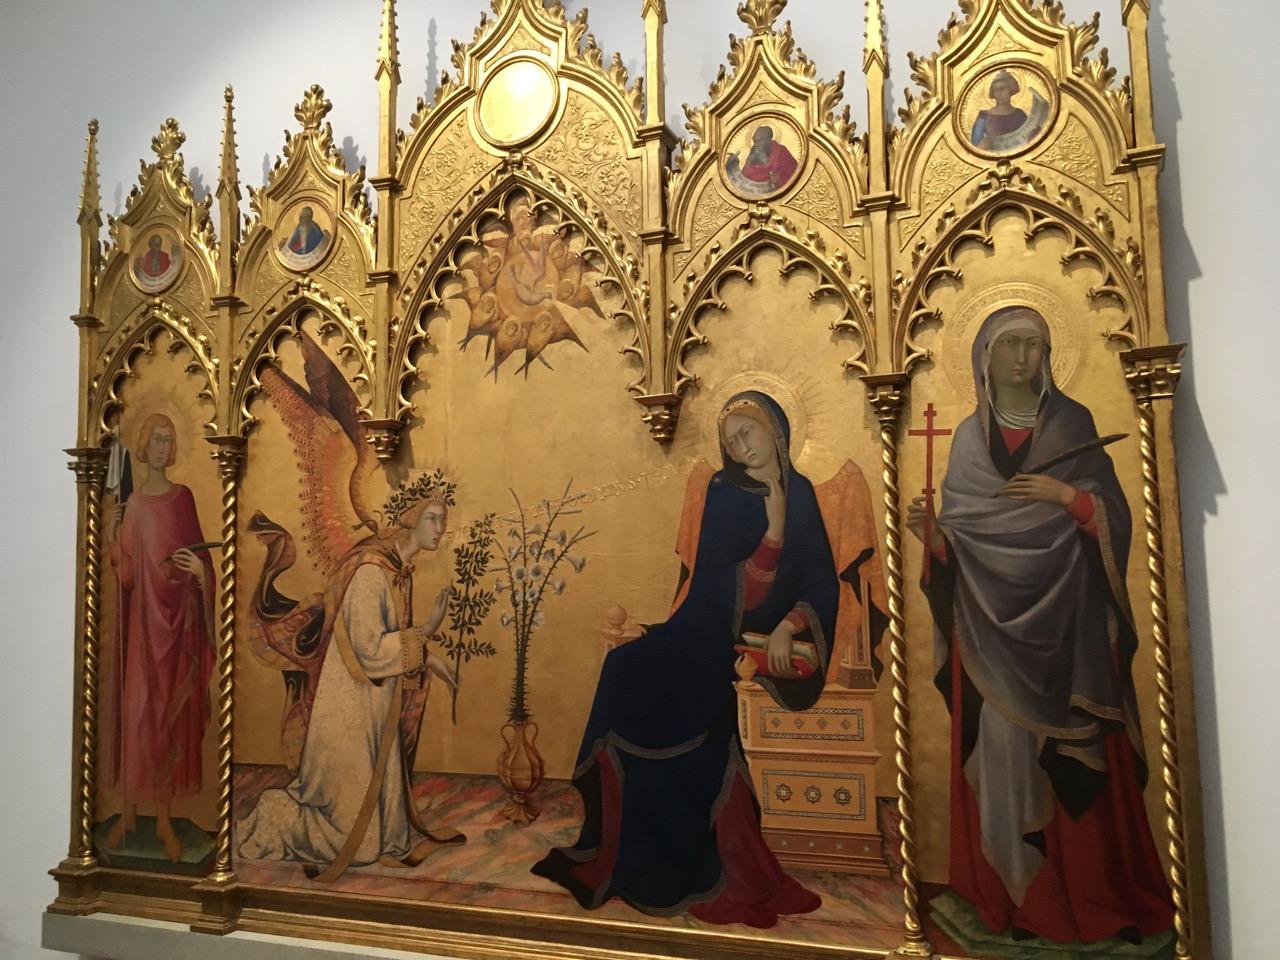 按照标识,一个一个展览室参观,大量的宗教画,特别艳丽,跟中国的水墨画比,完全是另一个极端